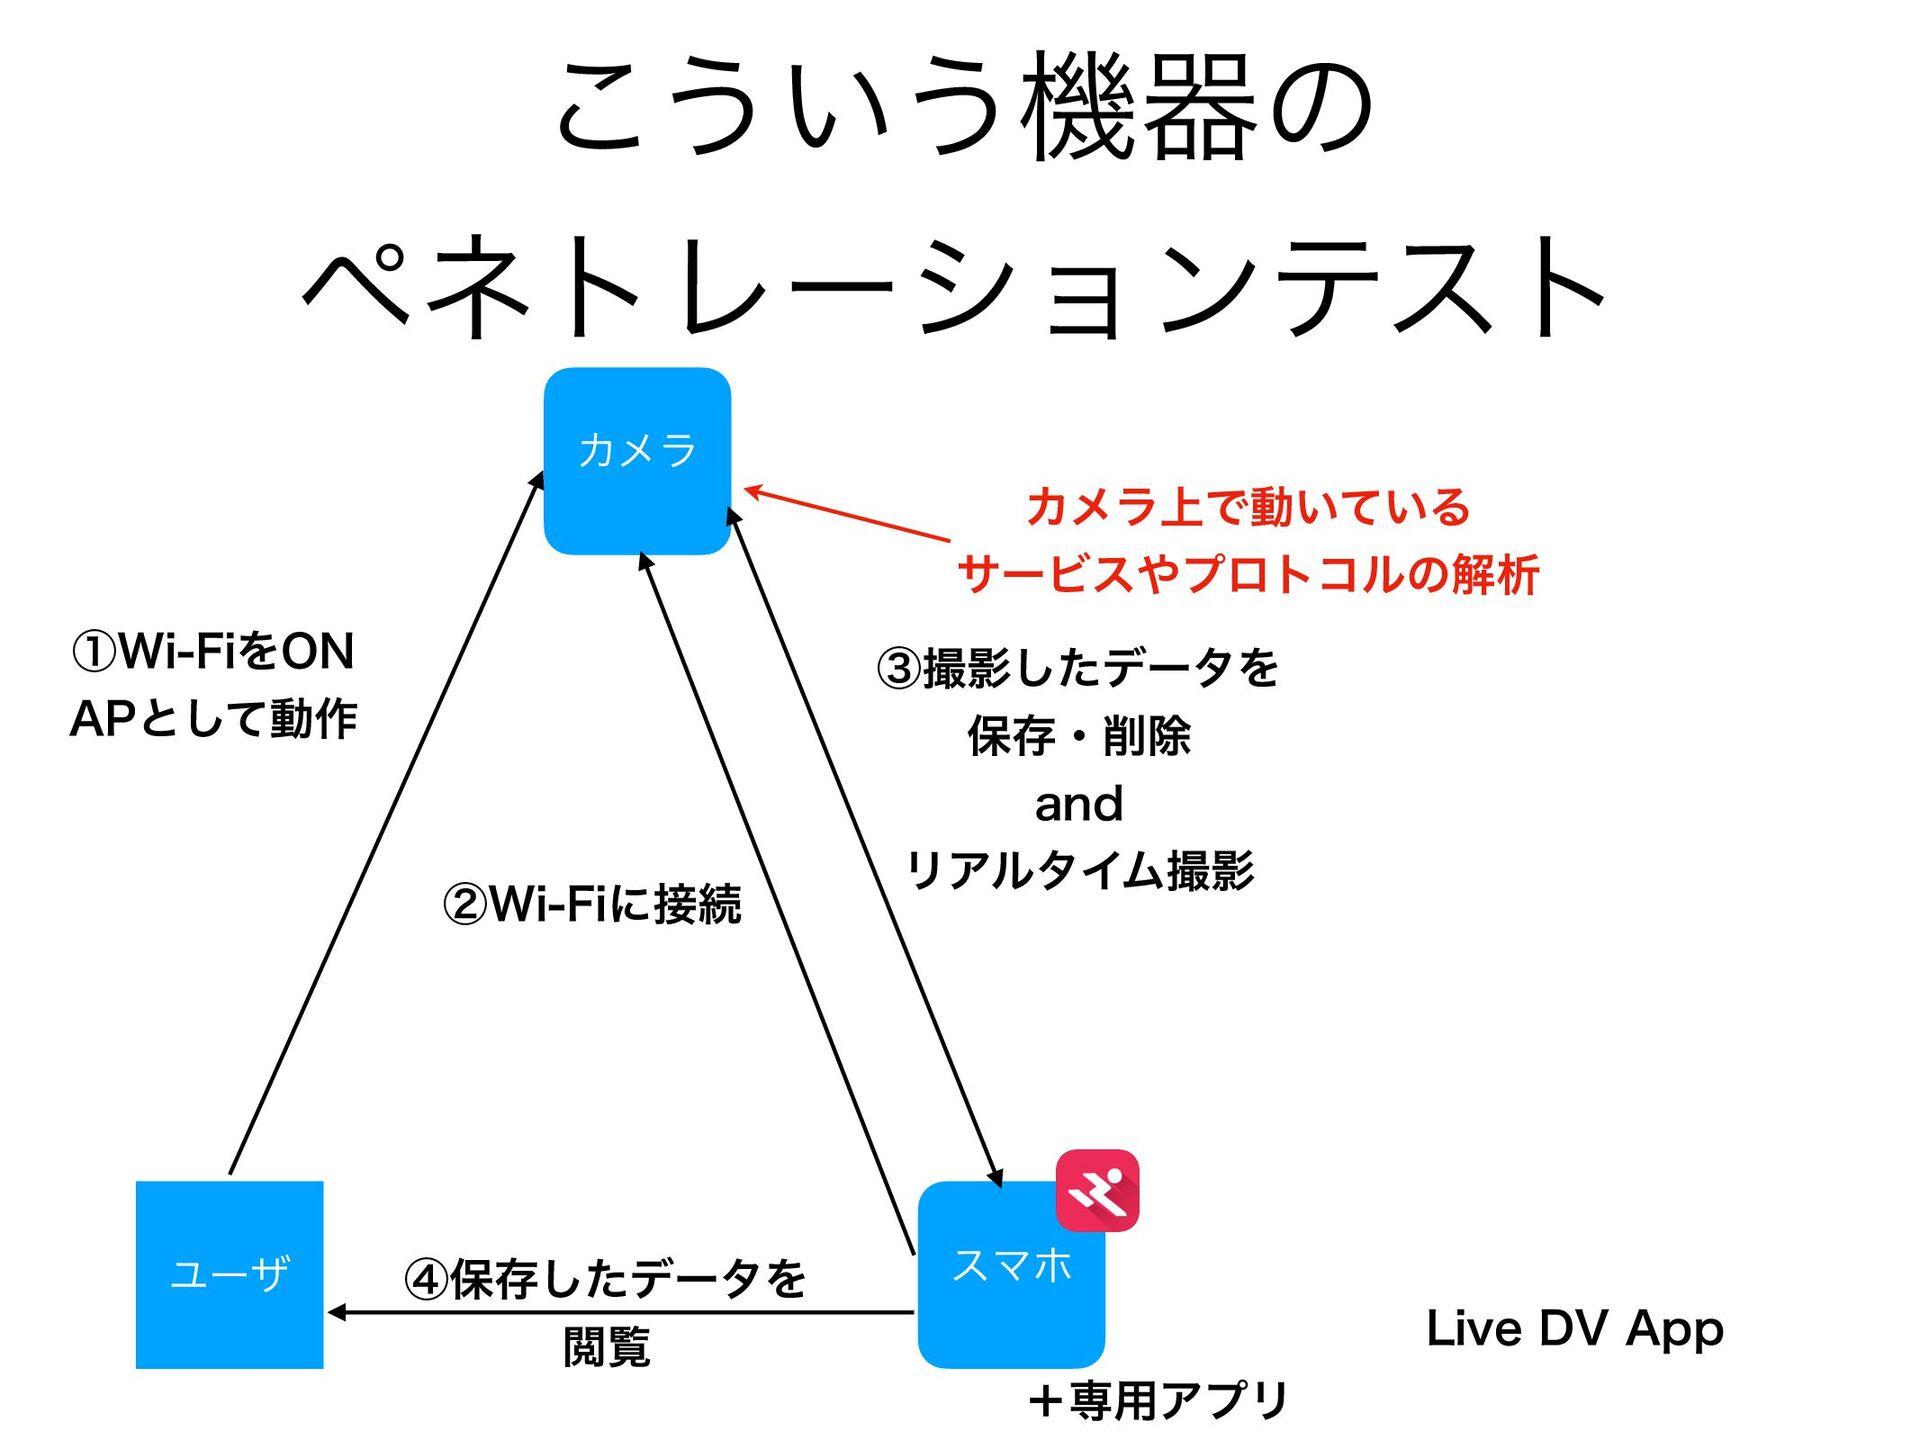 """ී௨ͷ͍ํ Χϝϥ εϚϗ Ϣʔβ ᶃ8J'JΛ0/ """"1ͱͯ͠ಈ࡞ -JWF%7""""..."""